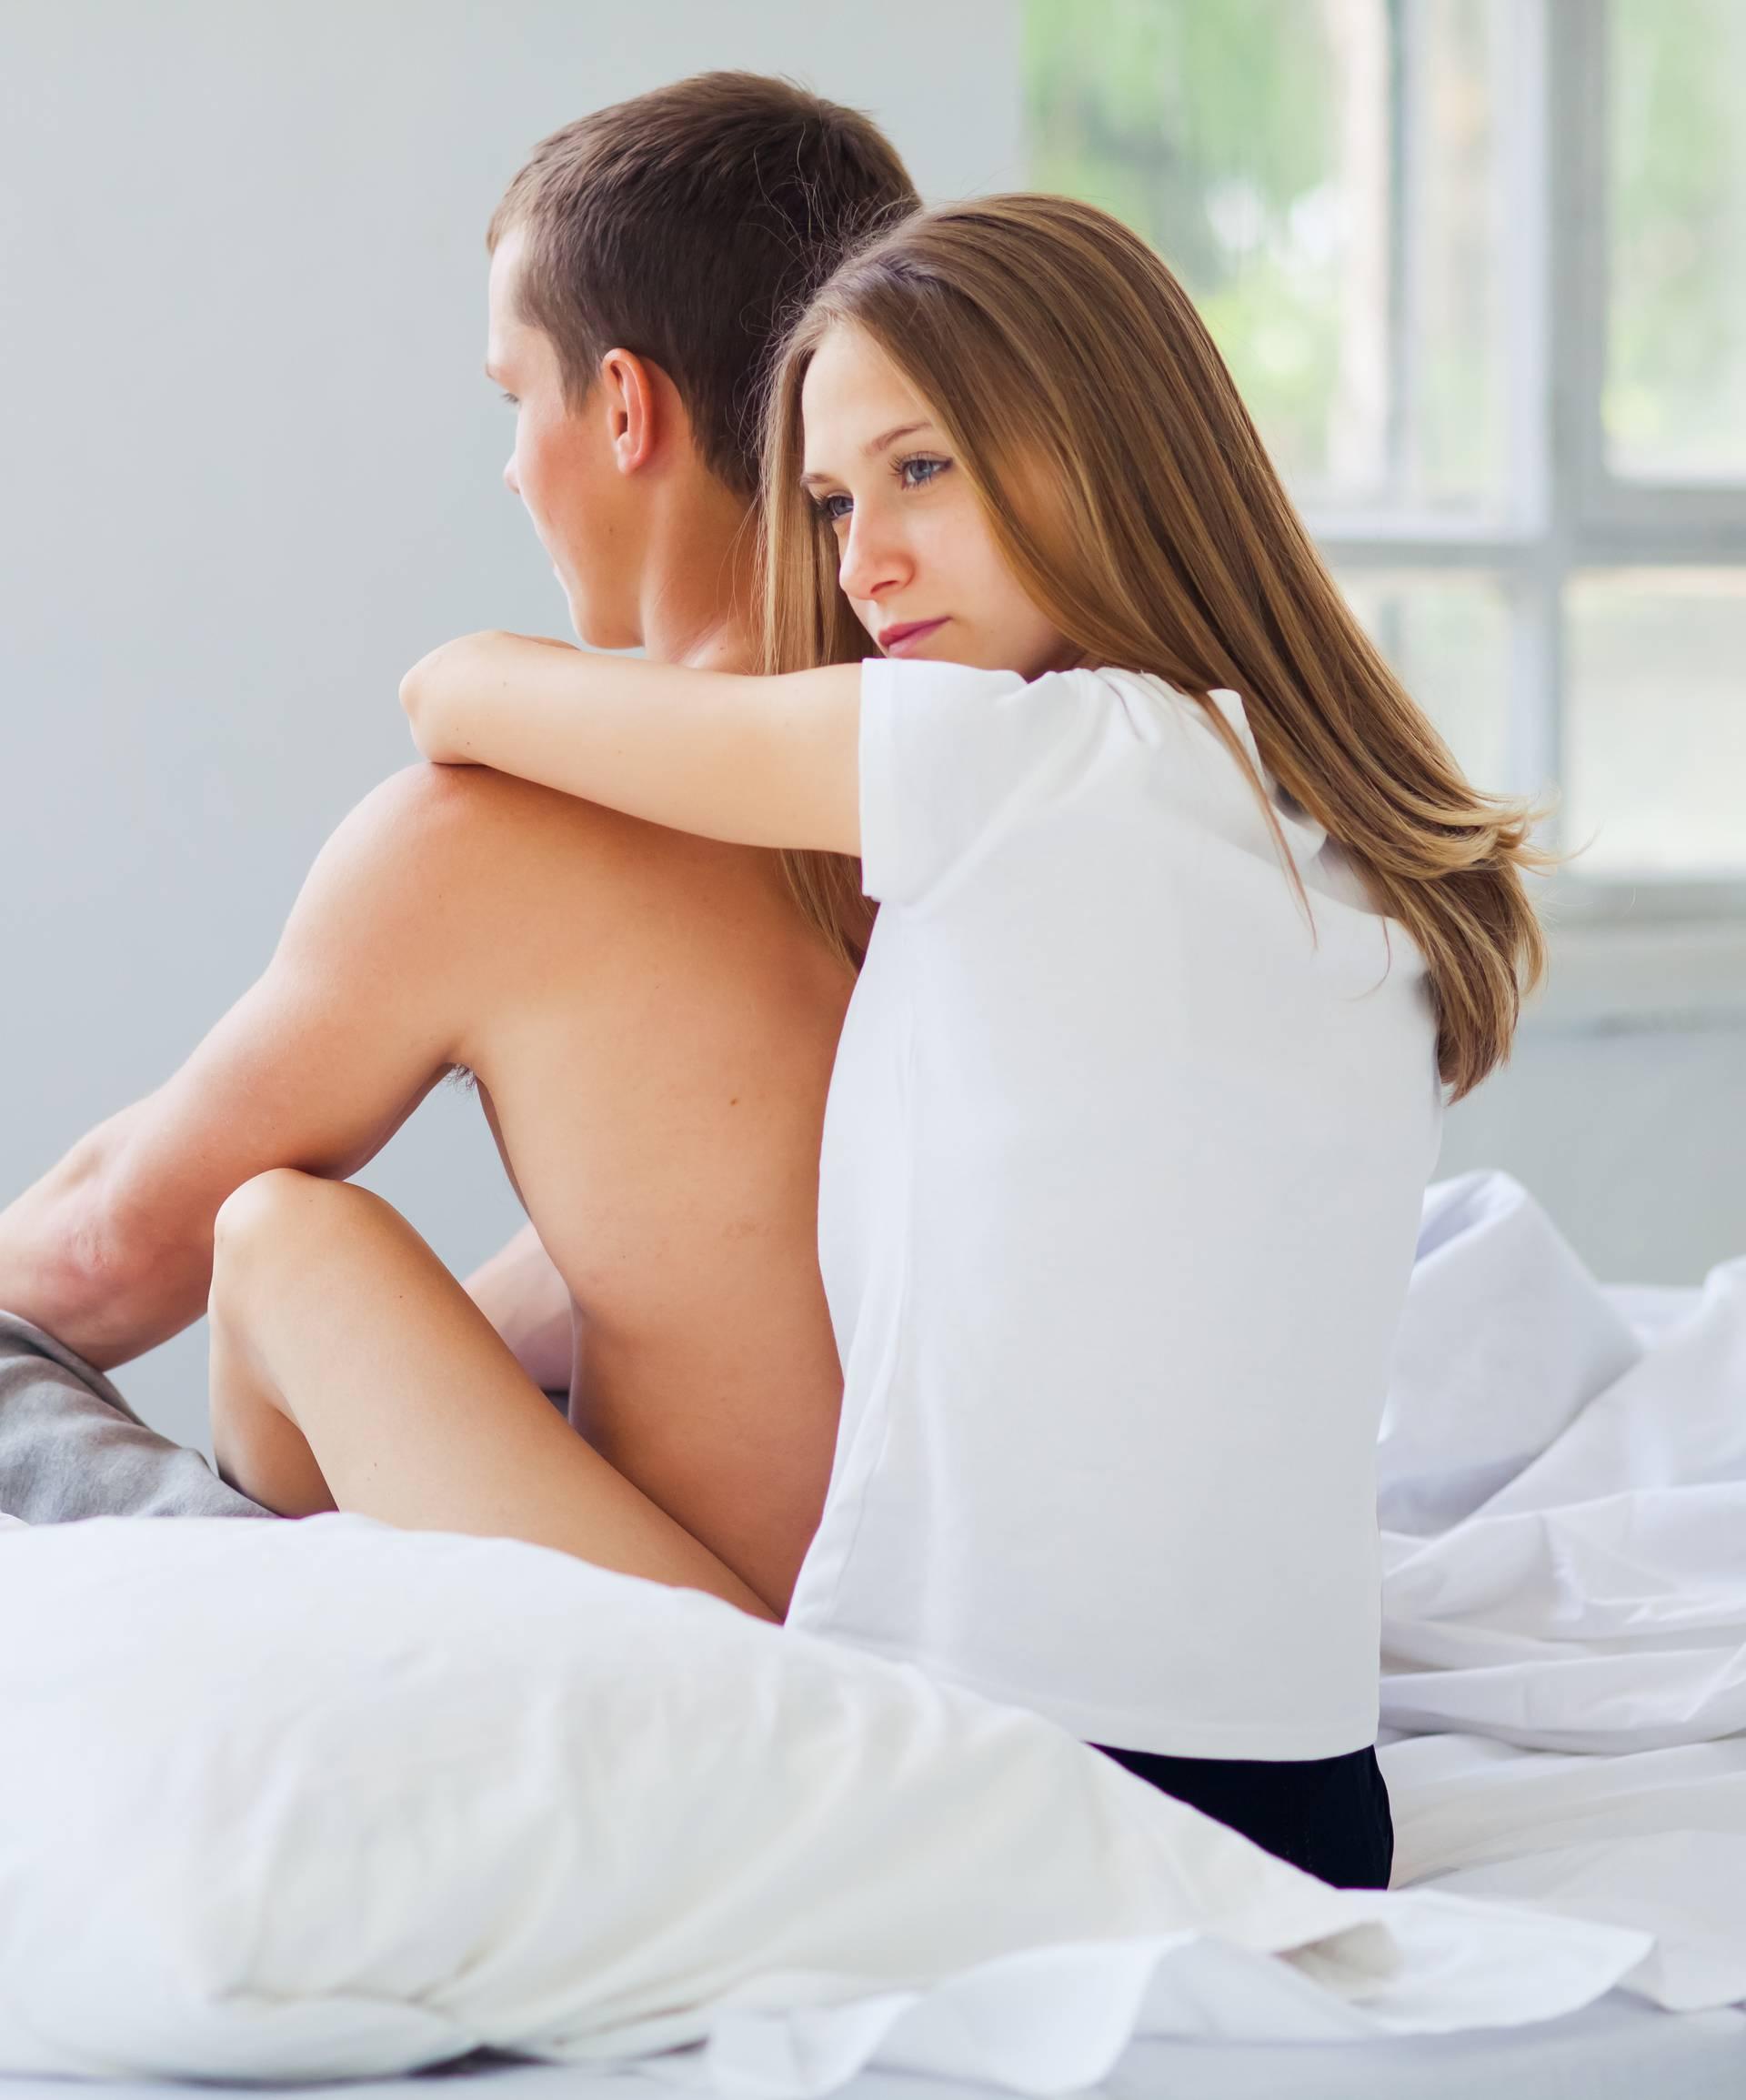 Parovi otvoreno: Ovo su razlozi zašto smo se prestali seksati